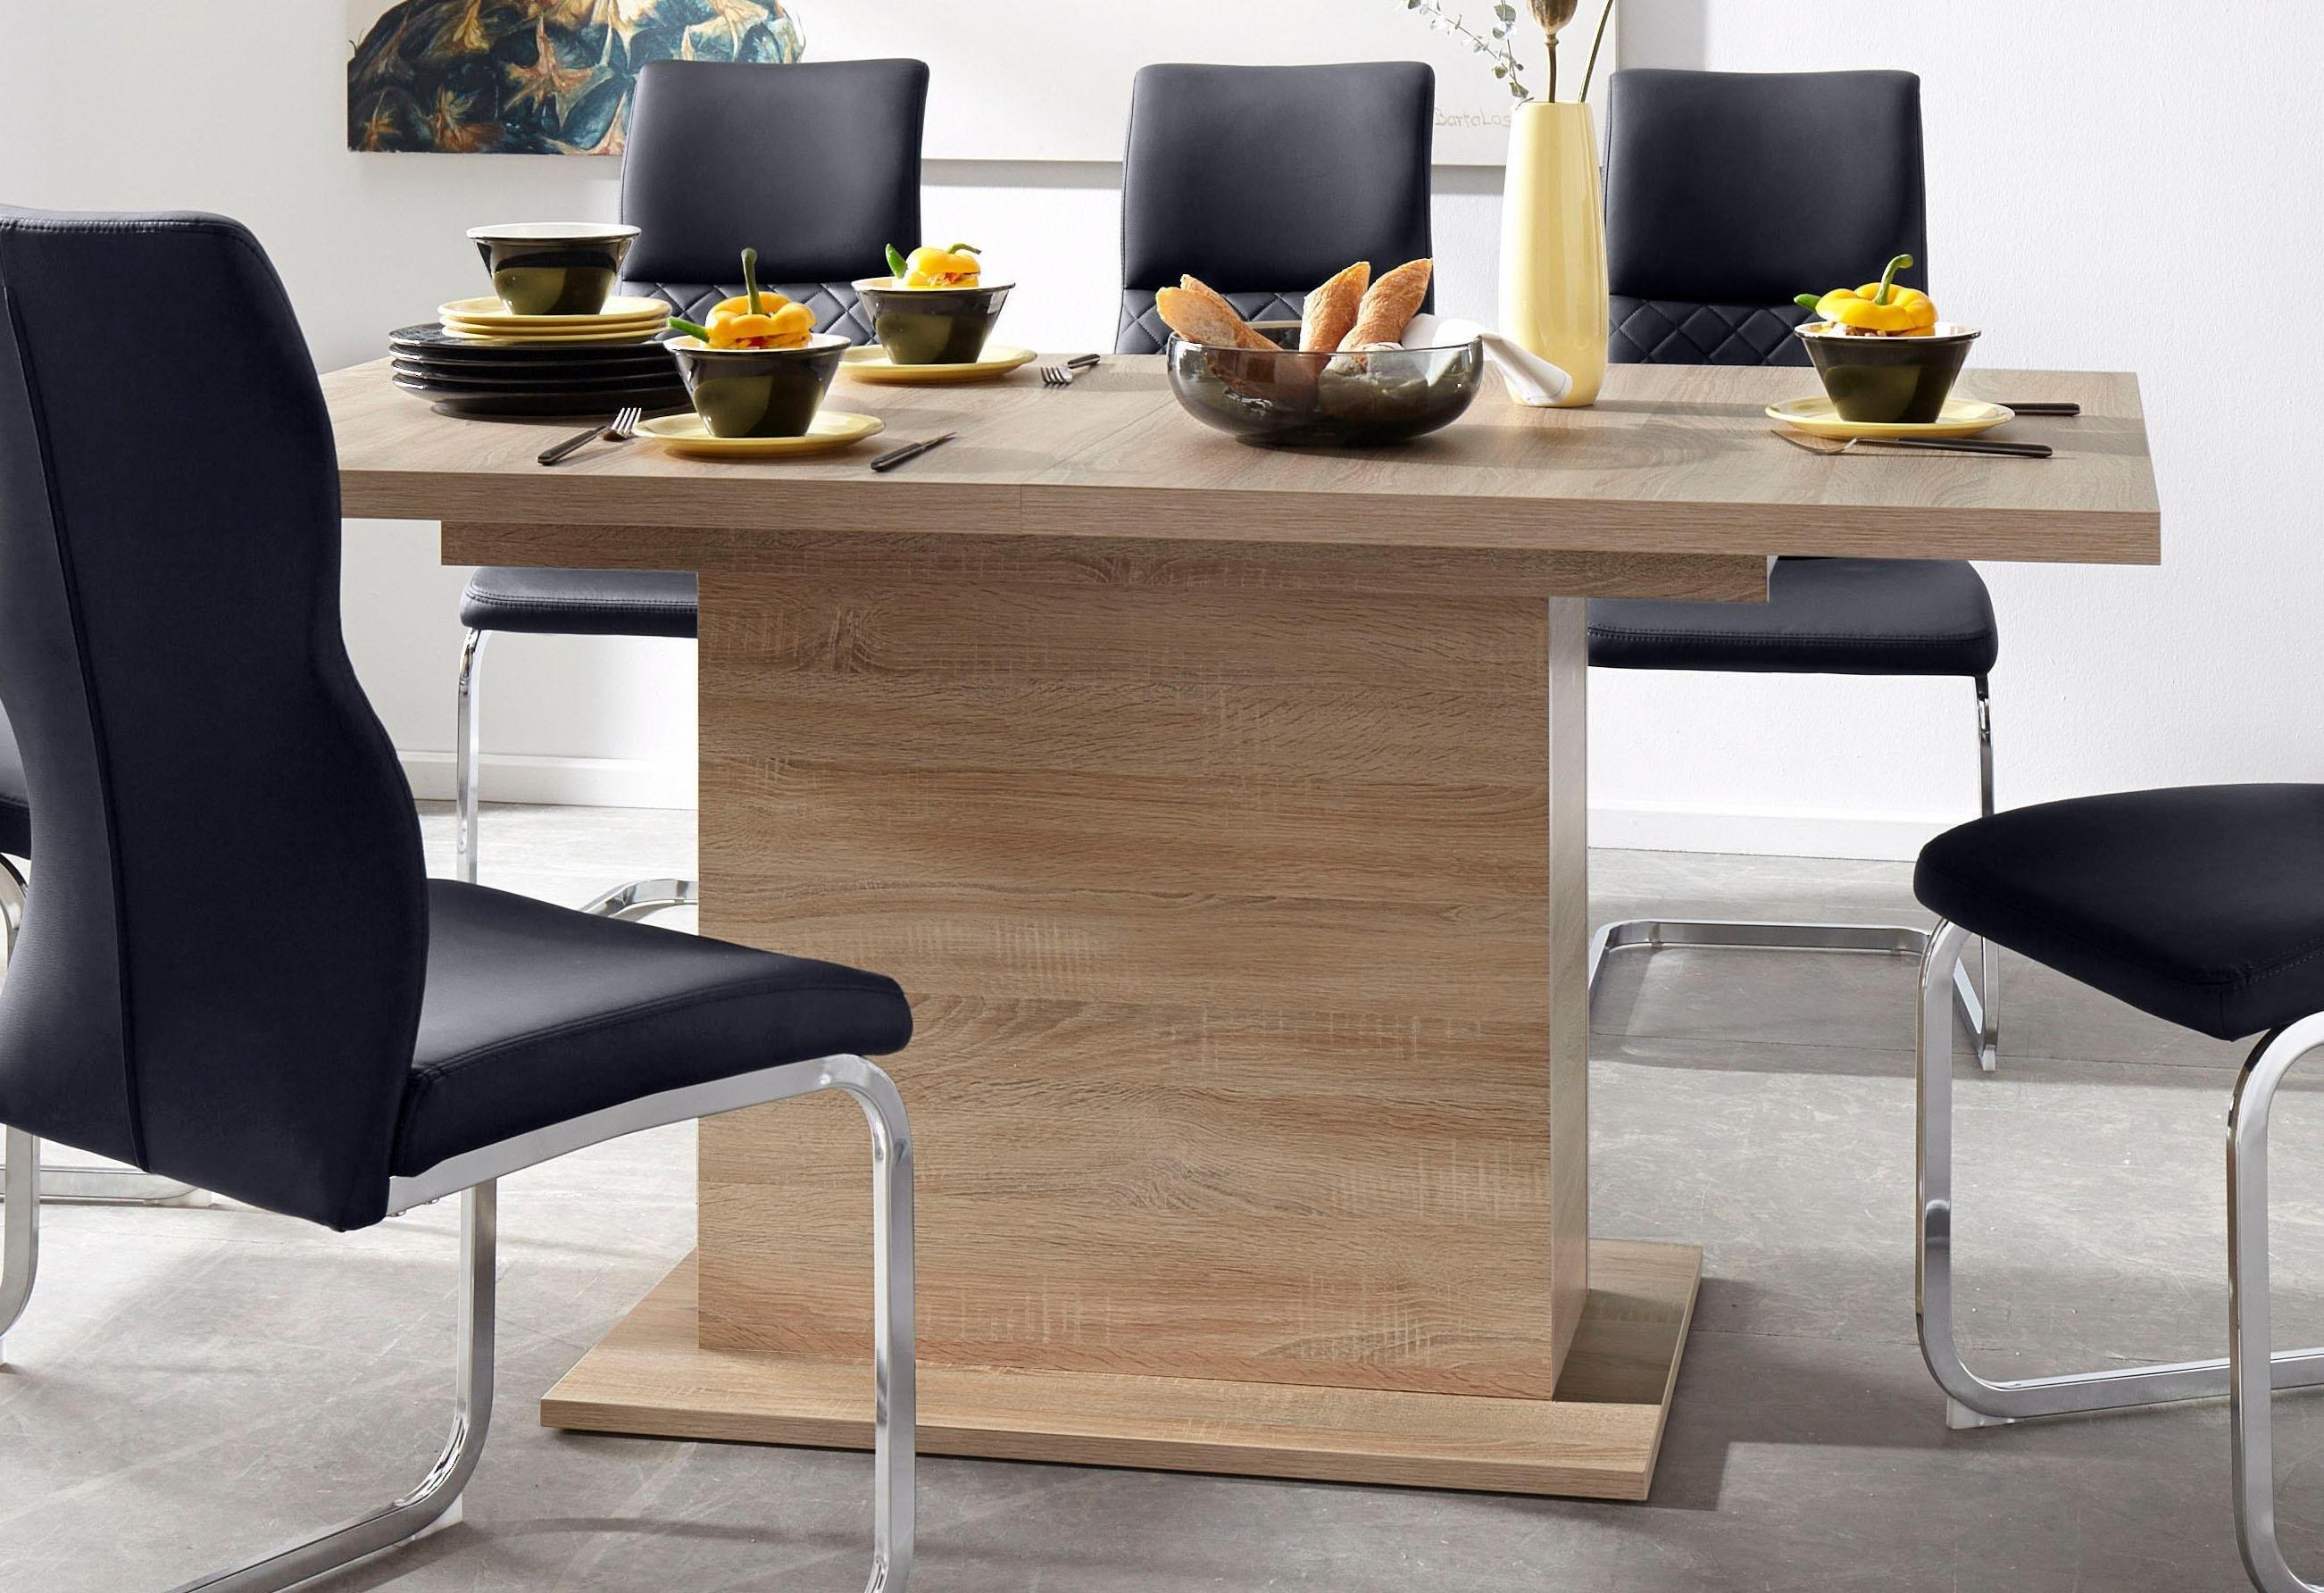 Uitschuifbare Eettafel 160 Cm.Uitschuifbare Tafels Online Shop Nu Online Kopen Otto